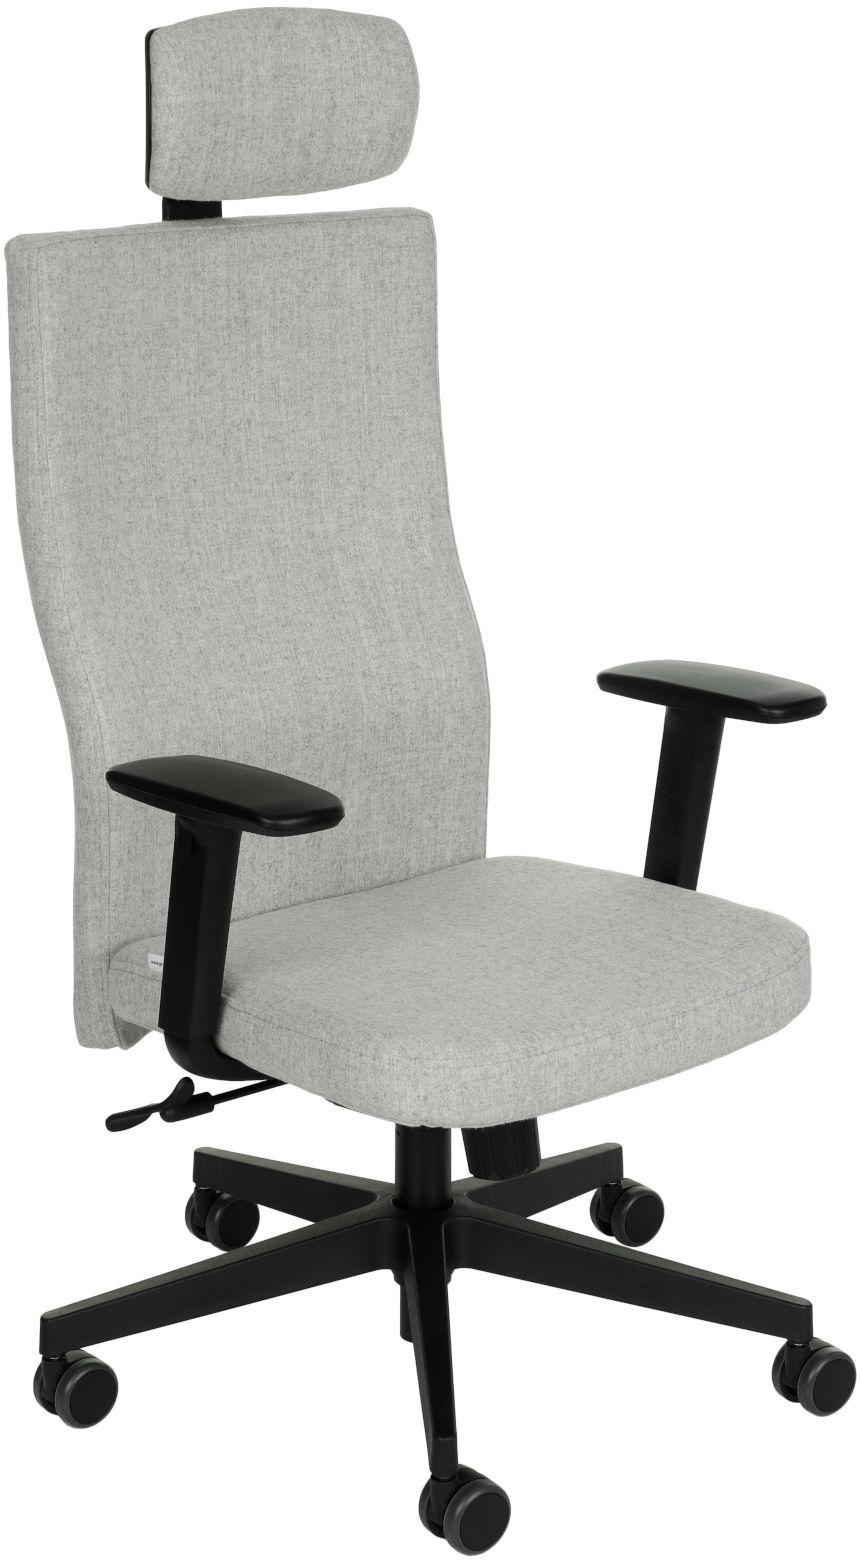 Krzesło biurowe Team Plus HD, ergonomiczny fotel biurowy